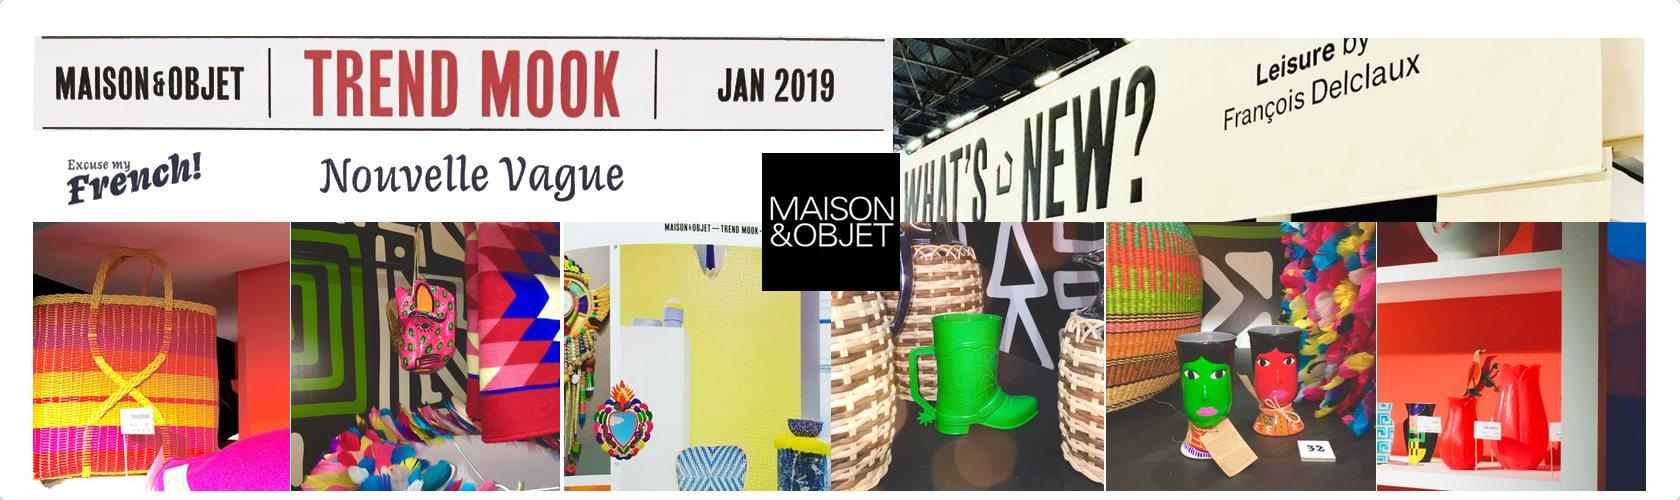 Tienda Esquipulas à Maison & Objet Janvier 2019